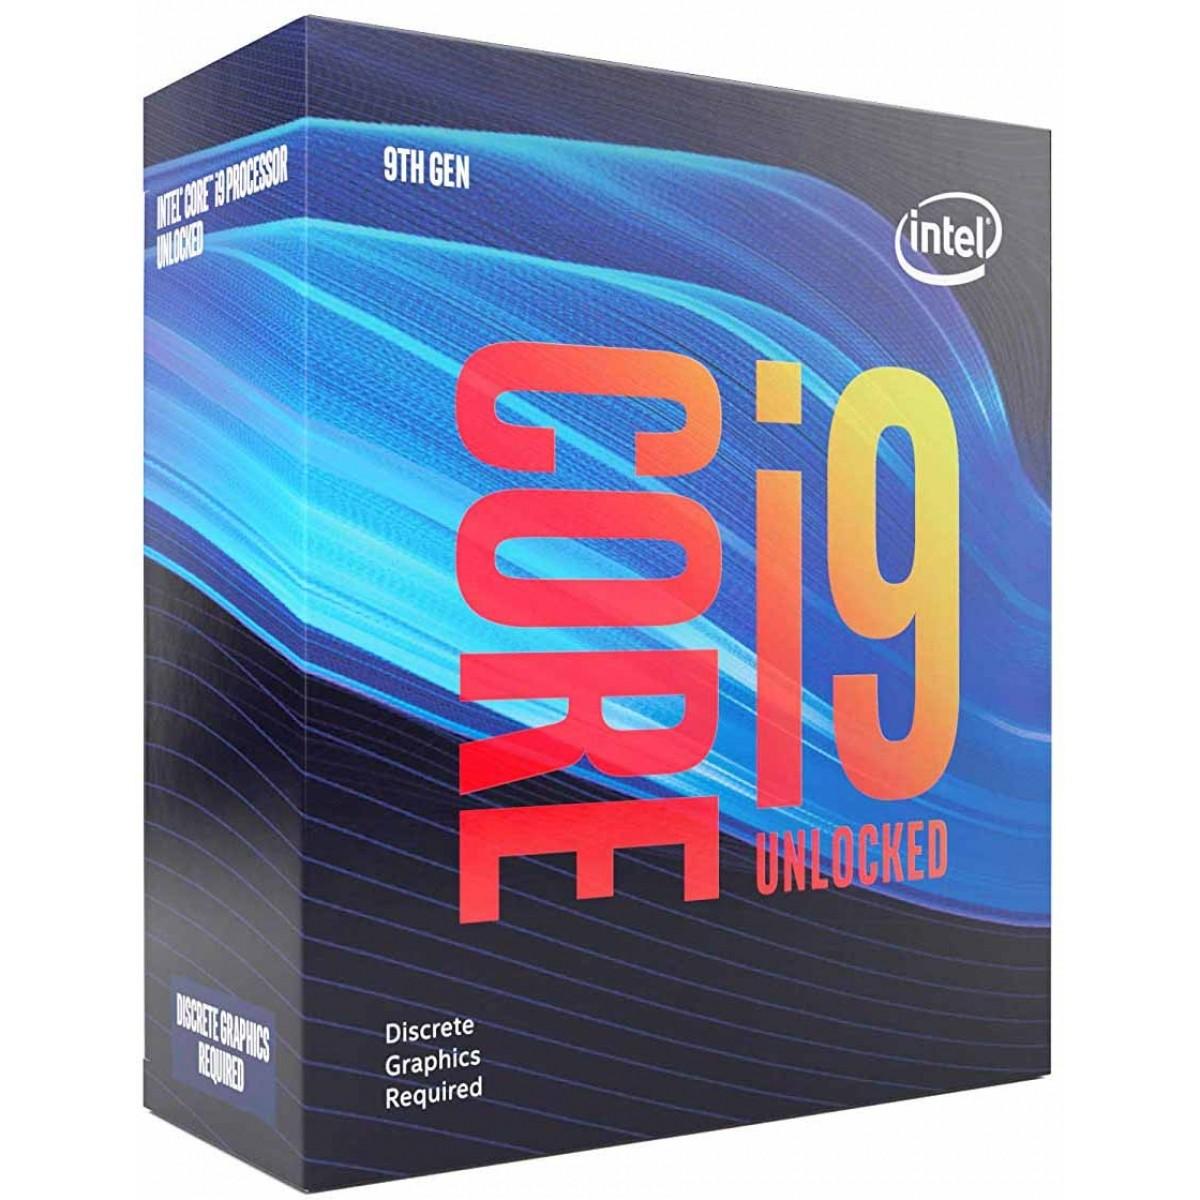 Processador Intel Core i9 9900K 3.60GHz (5.0GHz Turbo), 9ª Geração, 8-Core 16-Thread, LGA 1151, BX806849900K